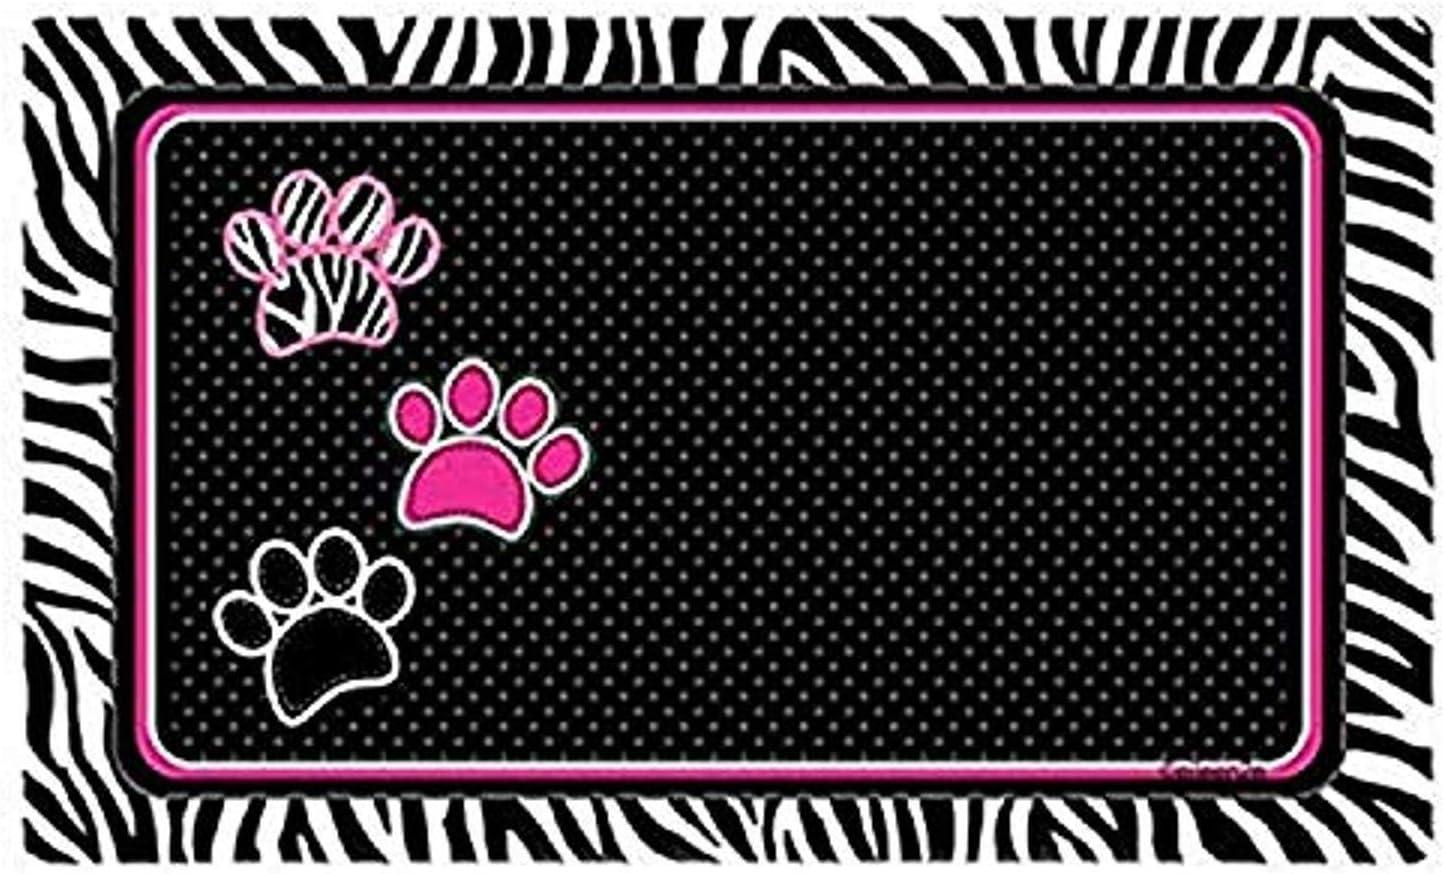 Drymate Pet Bowl Place Mat in Furtitude